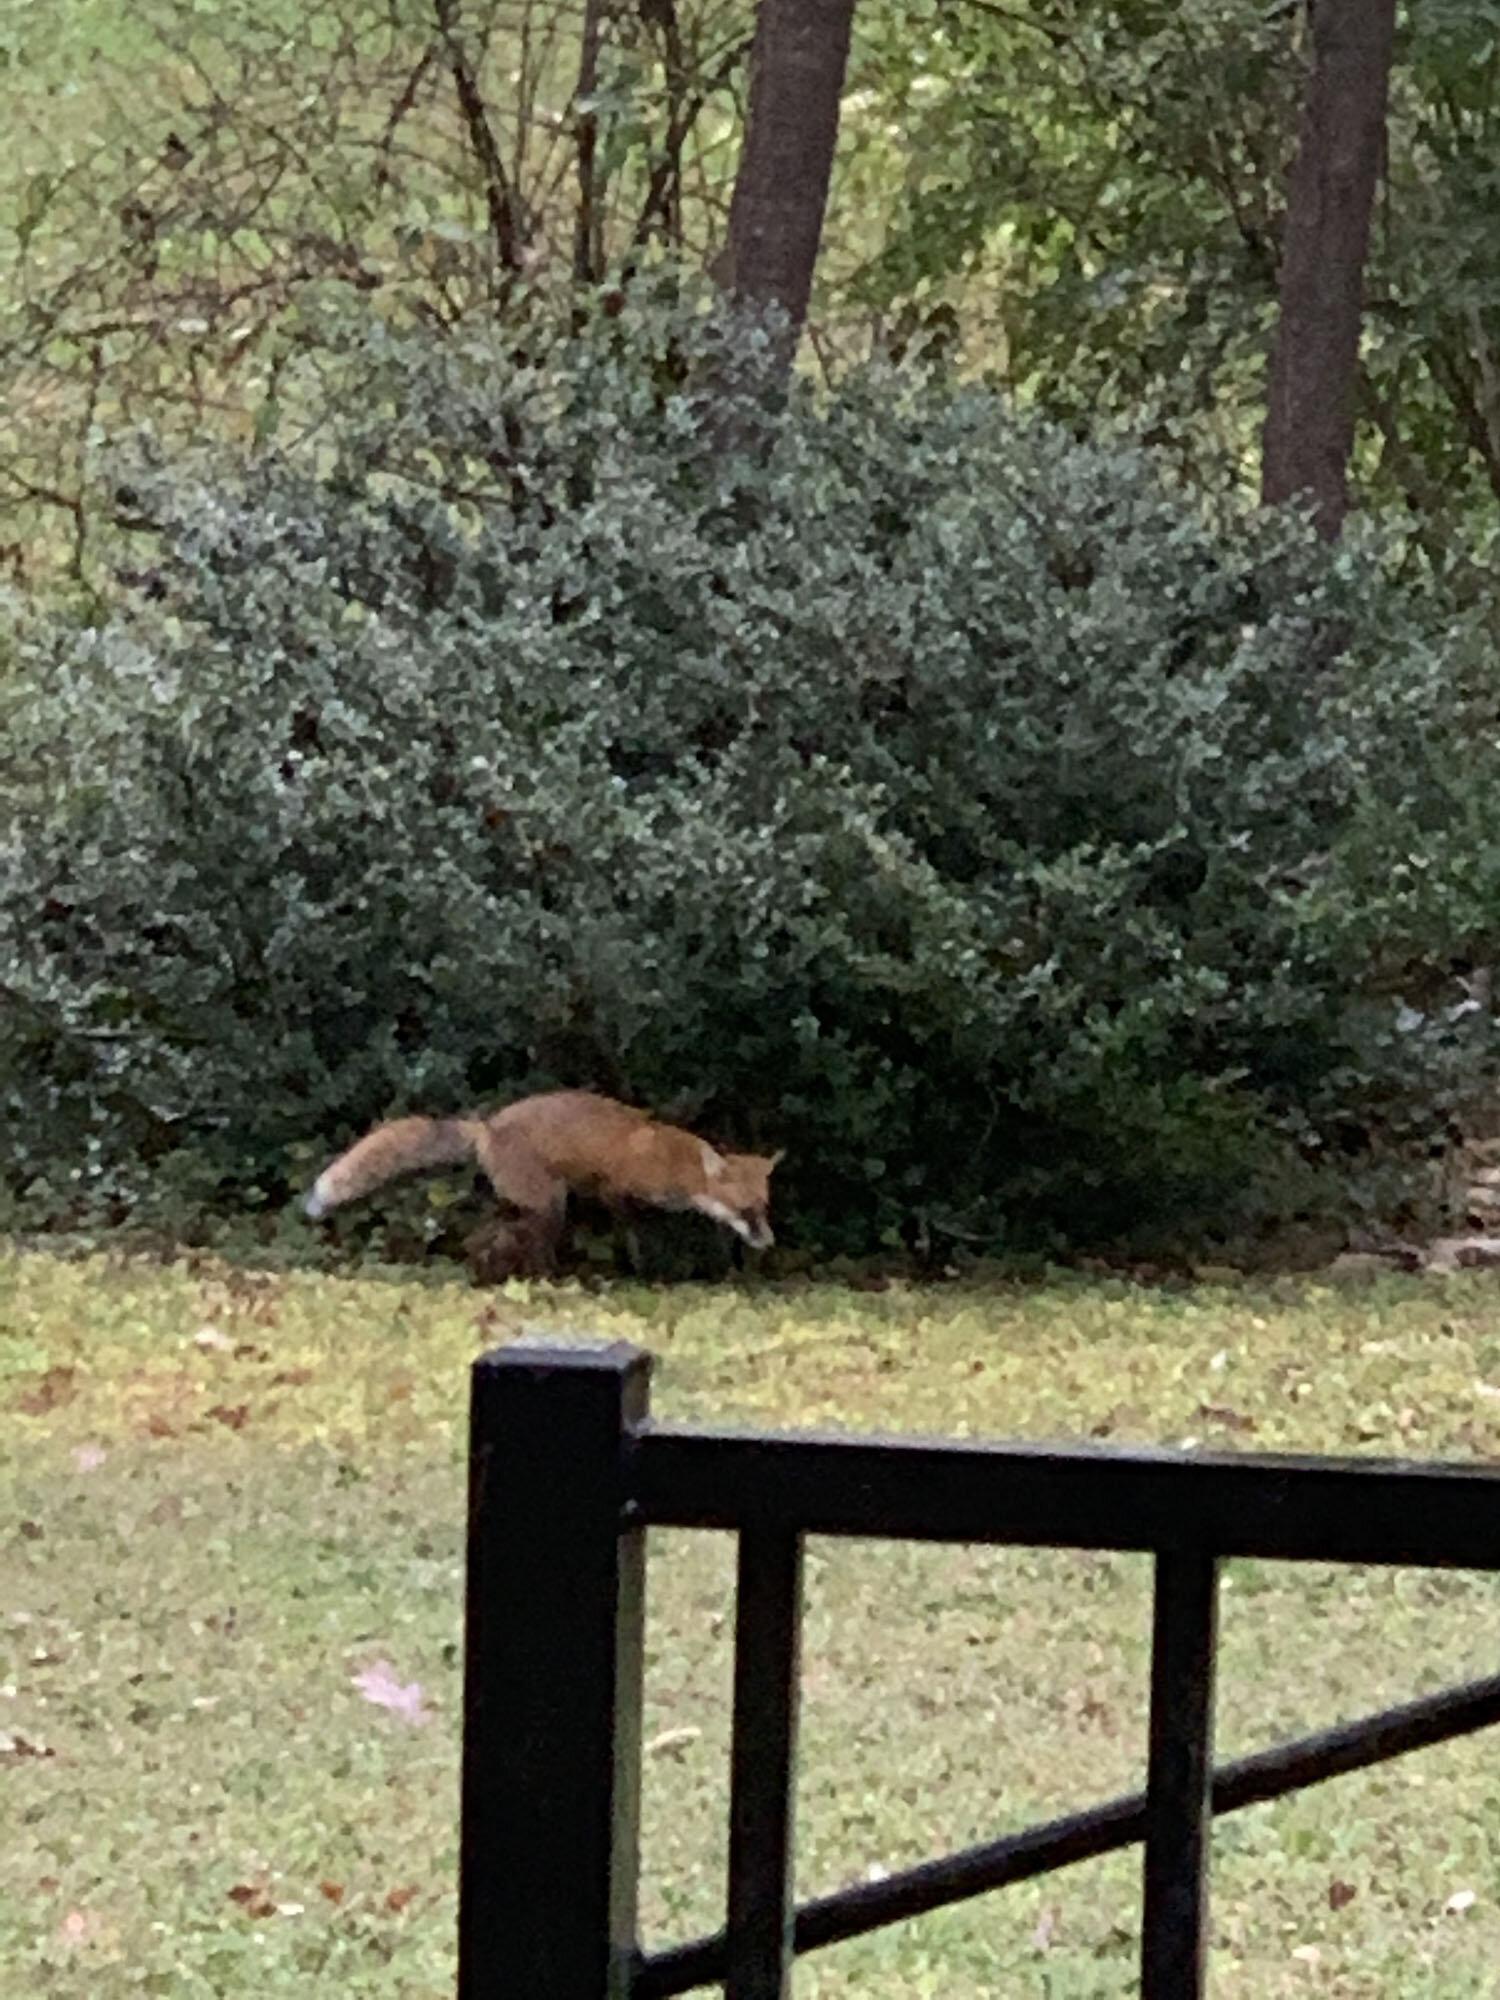 Fox in Rick Stabinski's yard